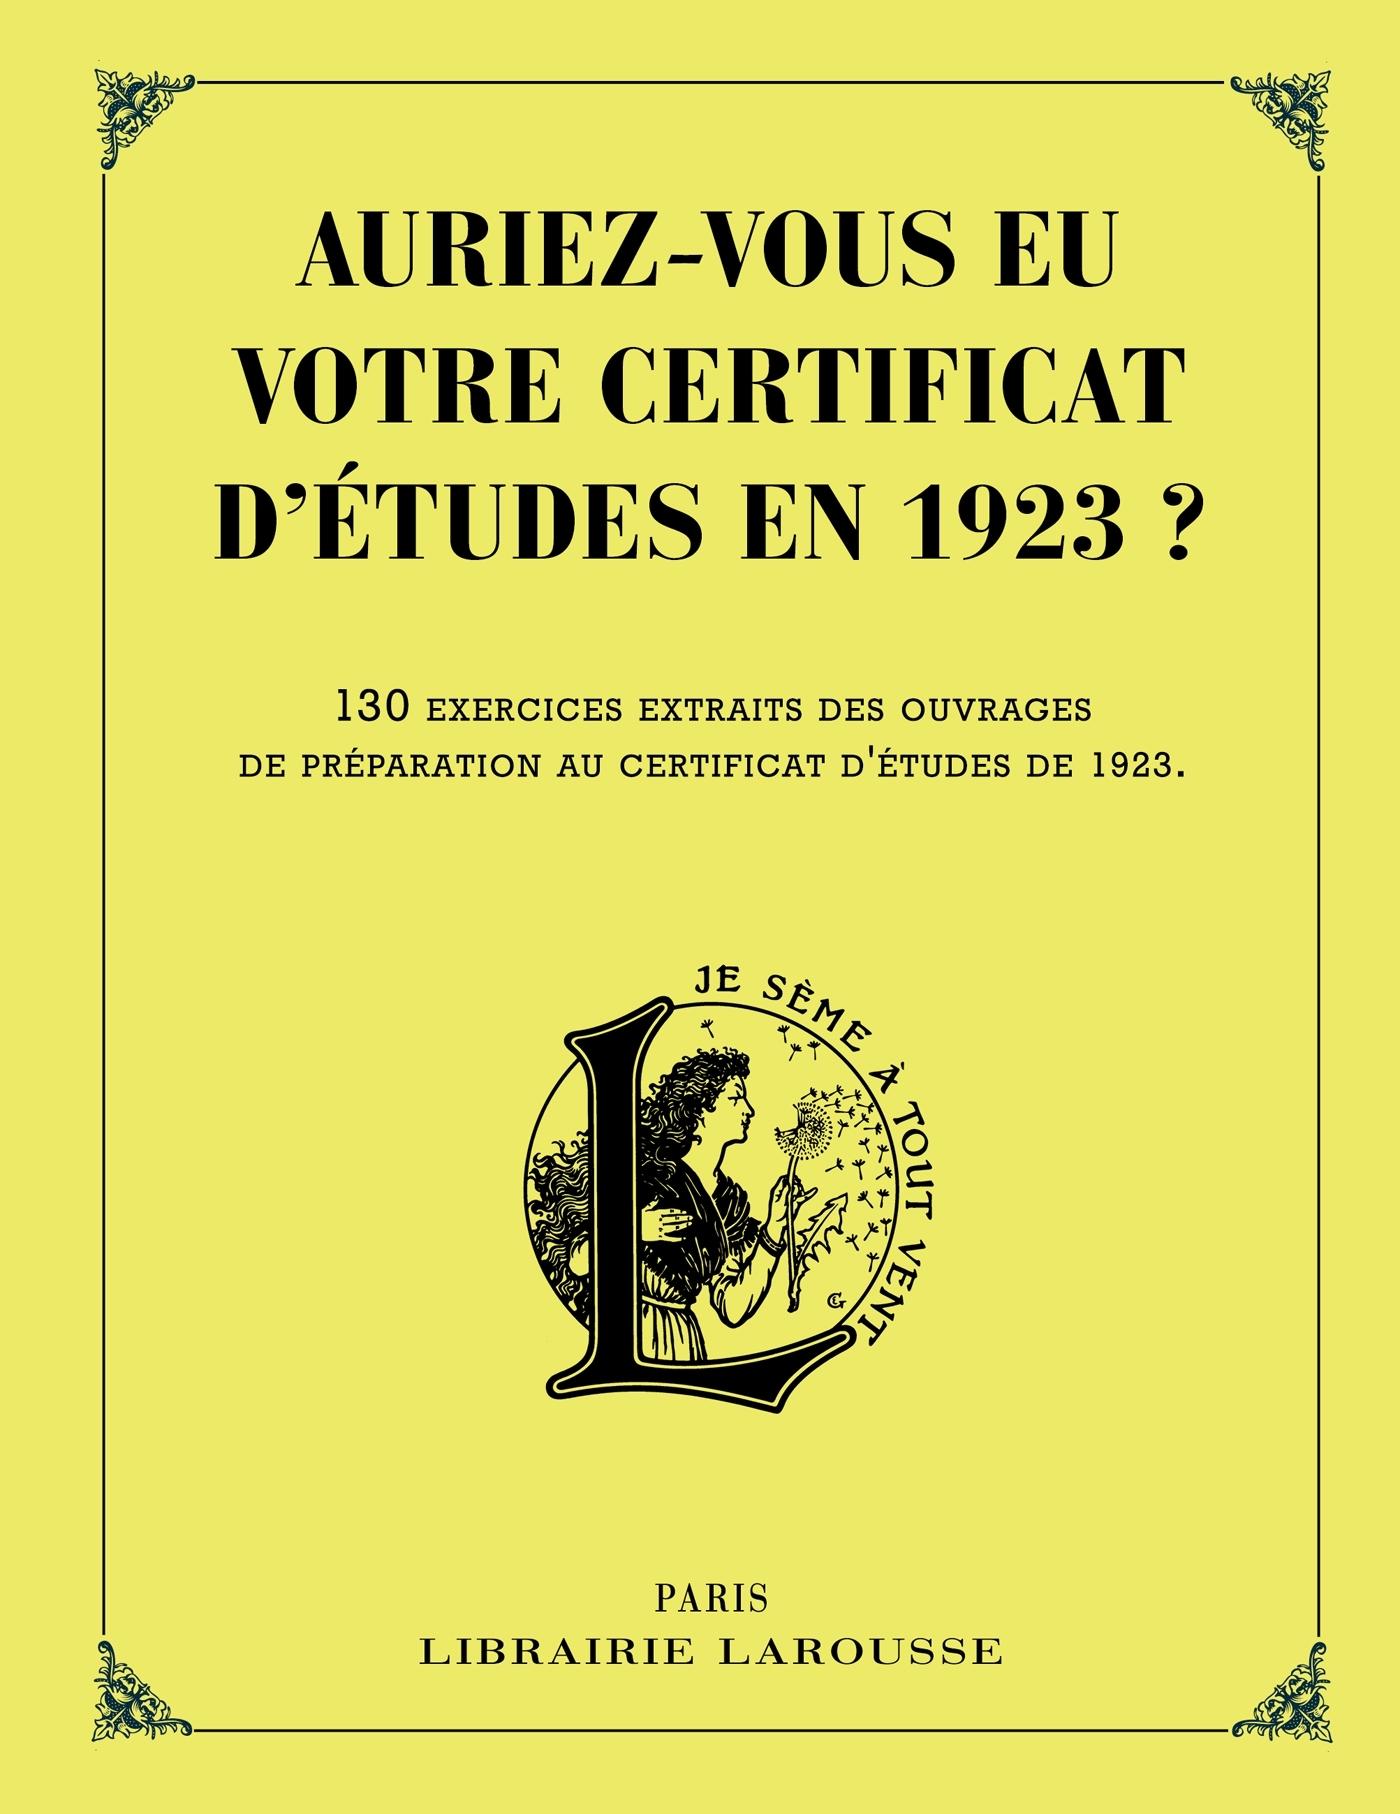 AURIEZ-VOUS EU VOTRE CERTIFICAT D'ETUDES EN 1923 ?